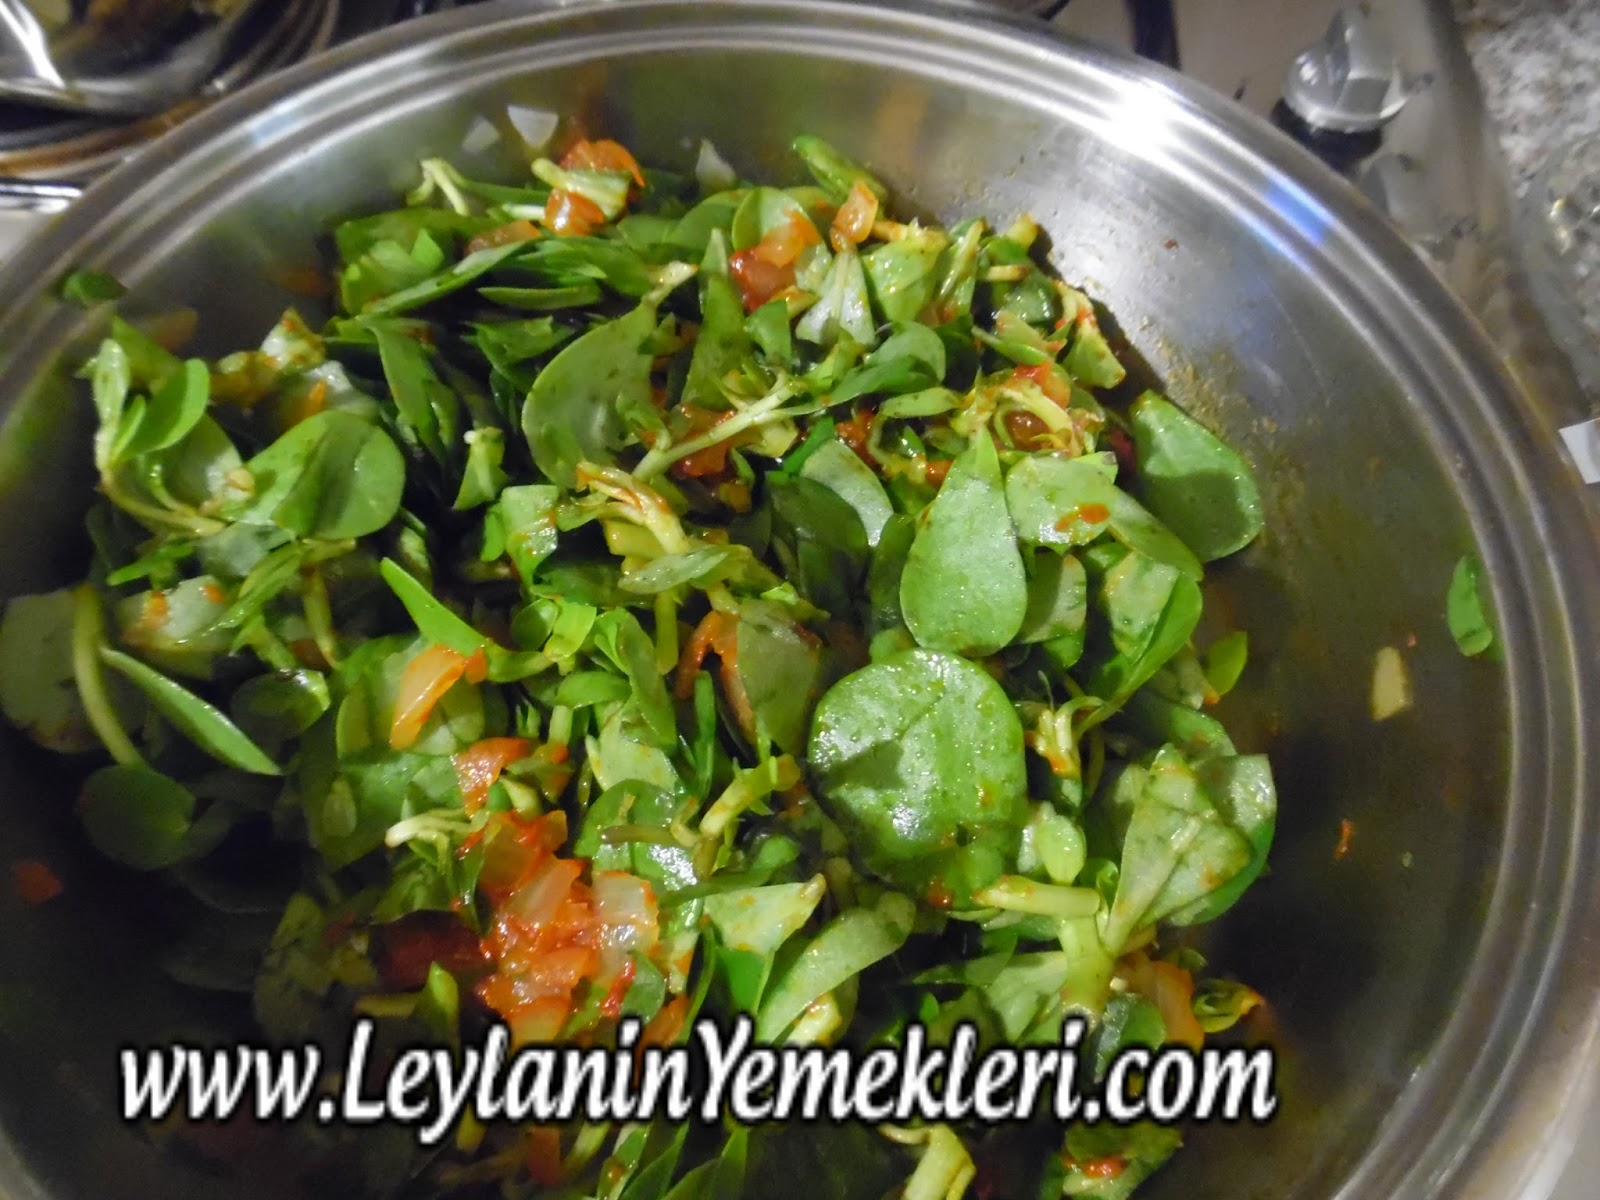 Semizotu Yemeklerde Nasıl Kullanılır